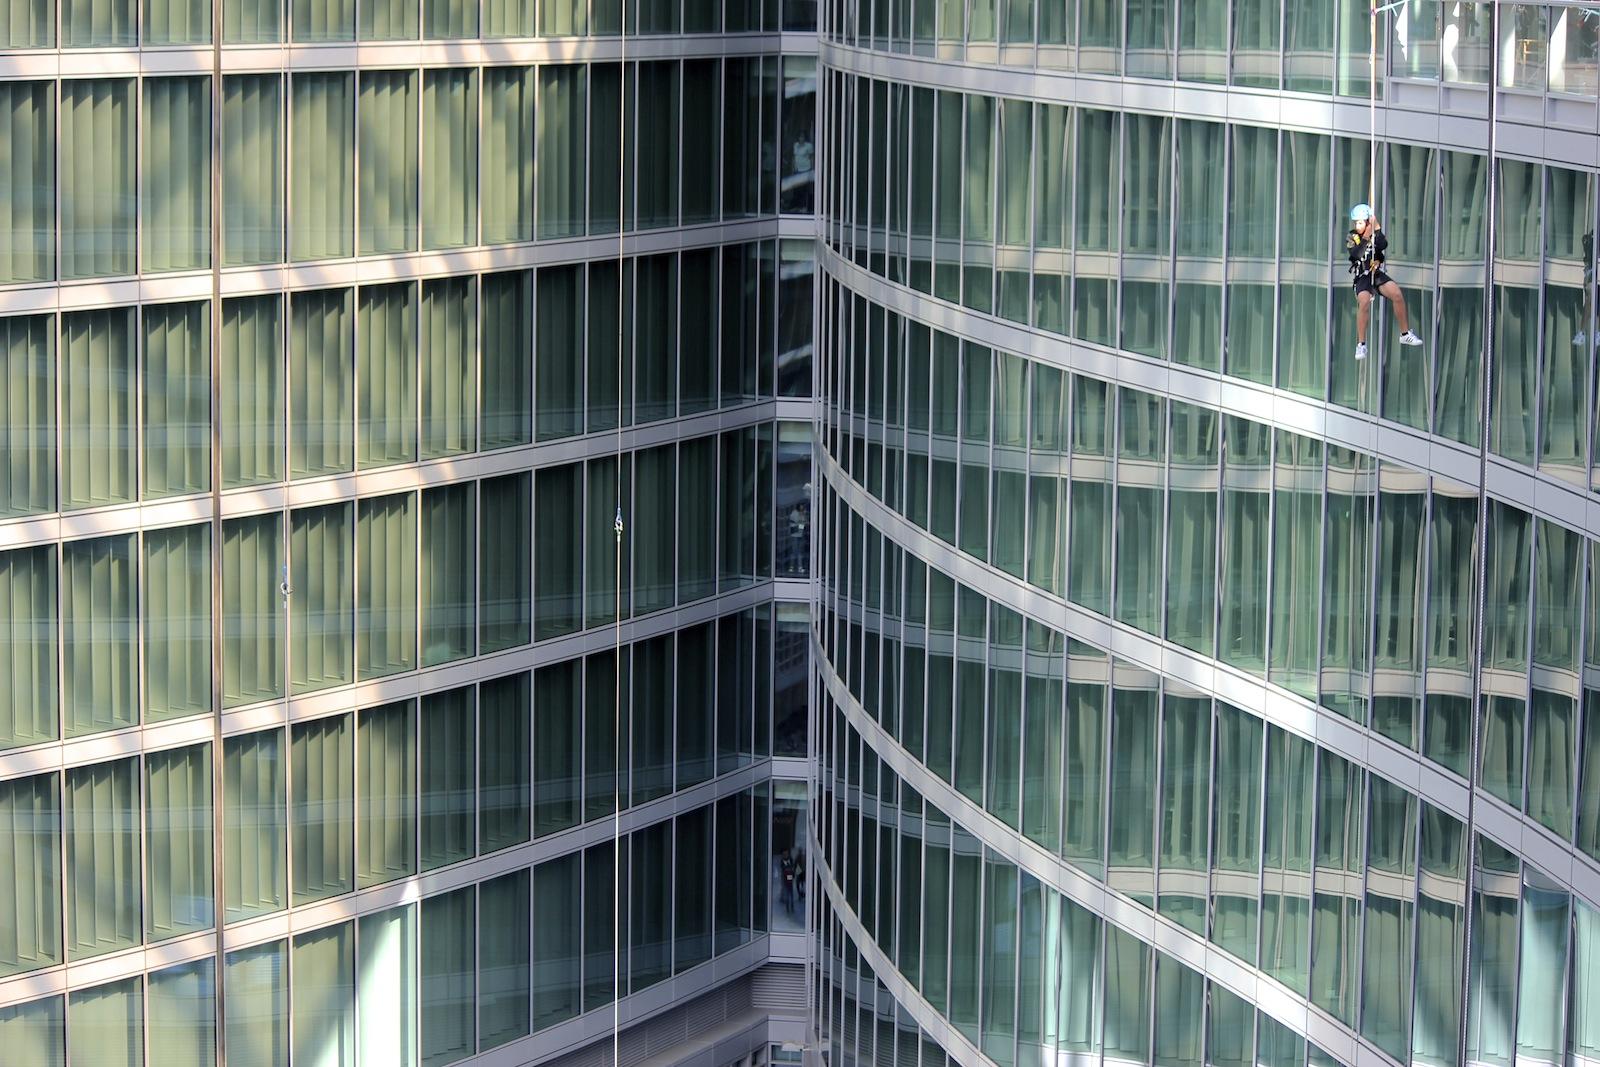 Scalare Pareti Milano : Scalare pareti milano pareti colorate come scegliere effetti e